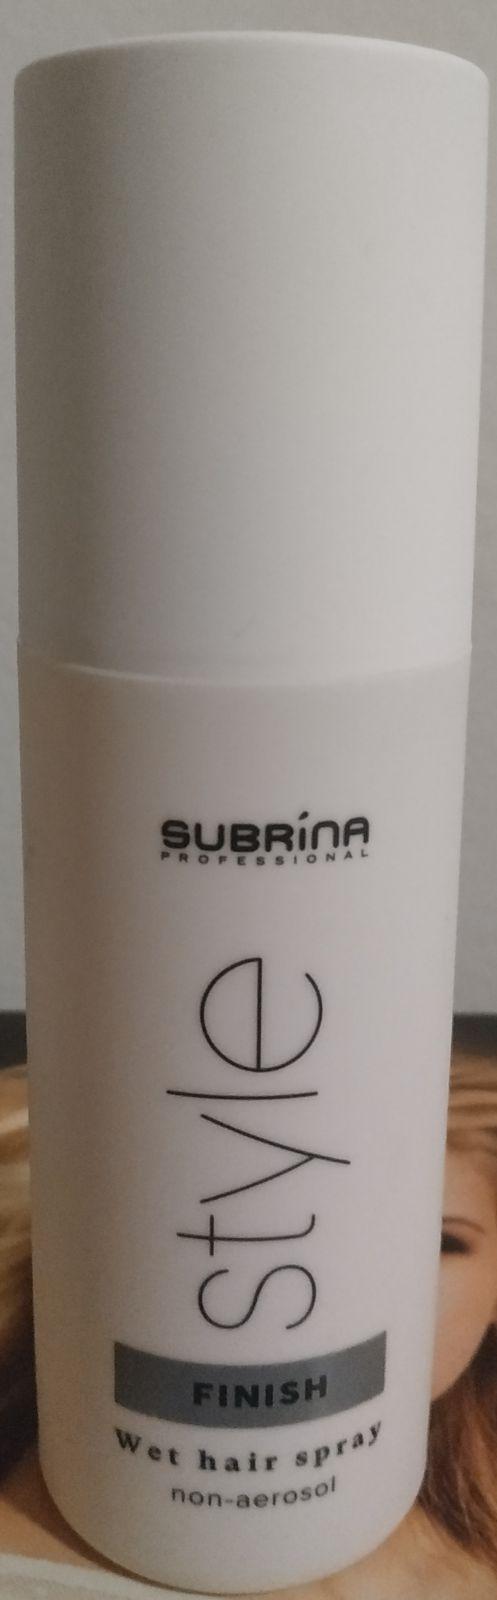 Subrina Wet hair spray - lak na vlasy s rozprašovačem extra silný 150ml